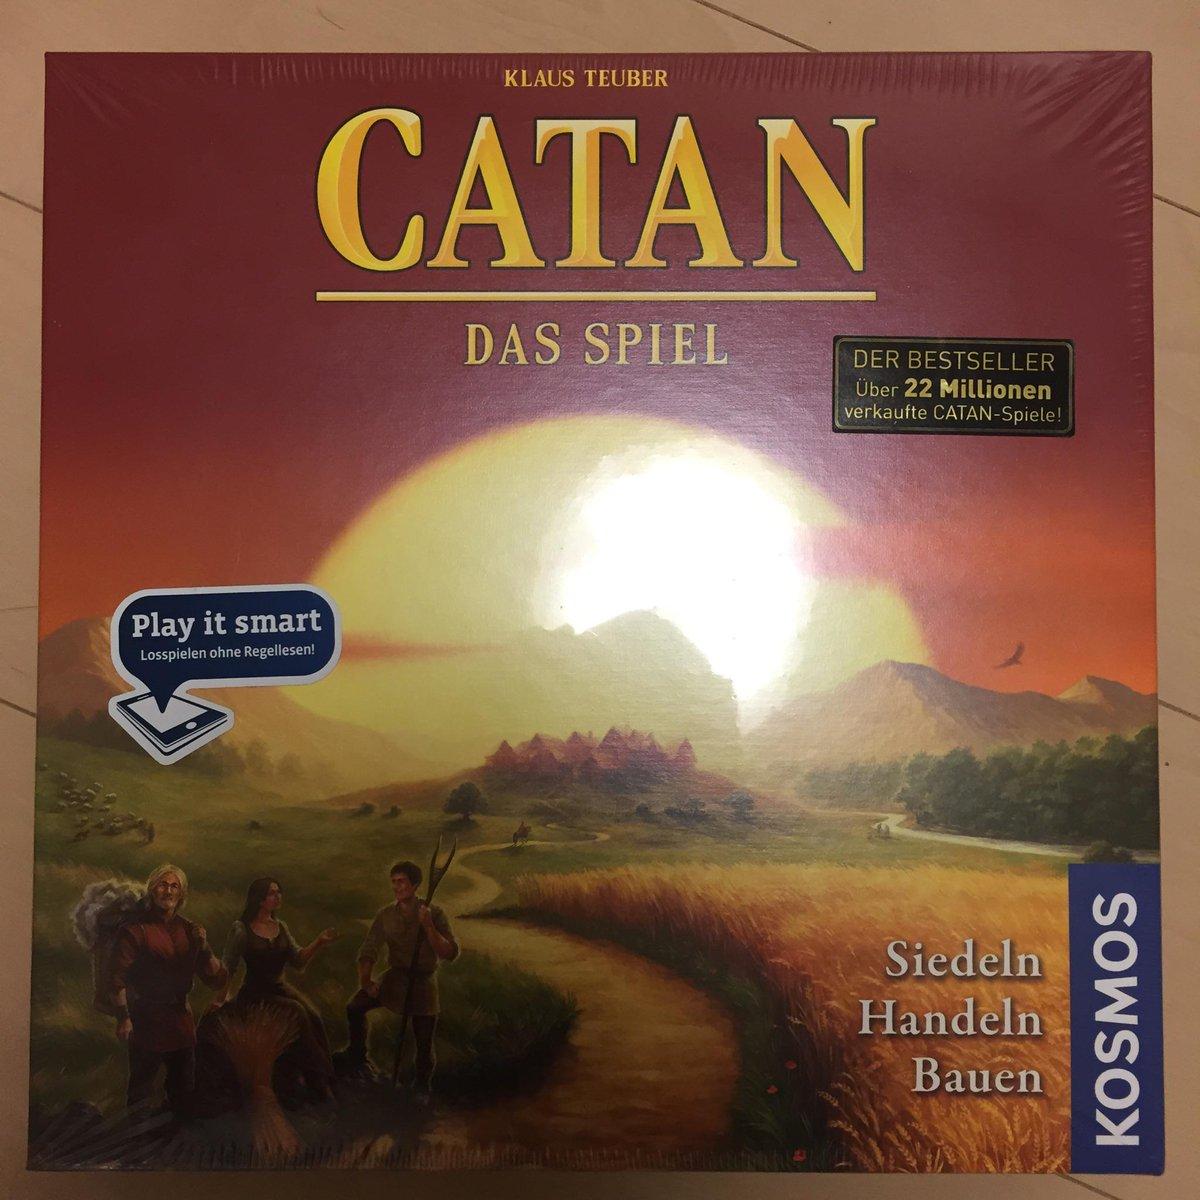 """今年はカタンが誕生してから20年。ドイツのパッケージは全て刷新され、タイトルも""""Die Siedler von CATAN"""" から """"CATAN""""にな りました。各国語版も順次切り替わっていくでしょう。 http://t.co/Vw47jsBcXD"""